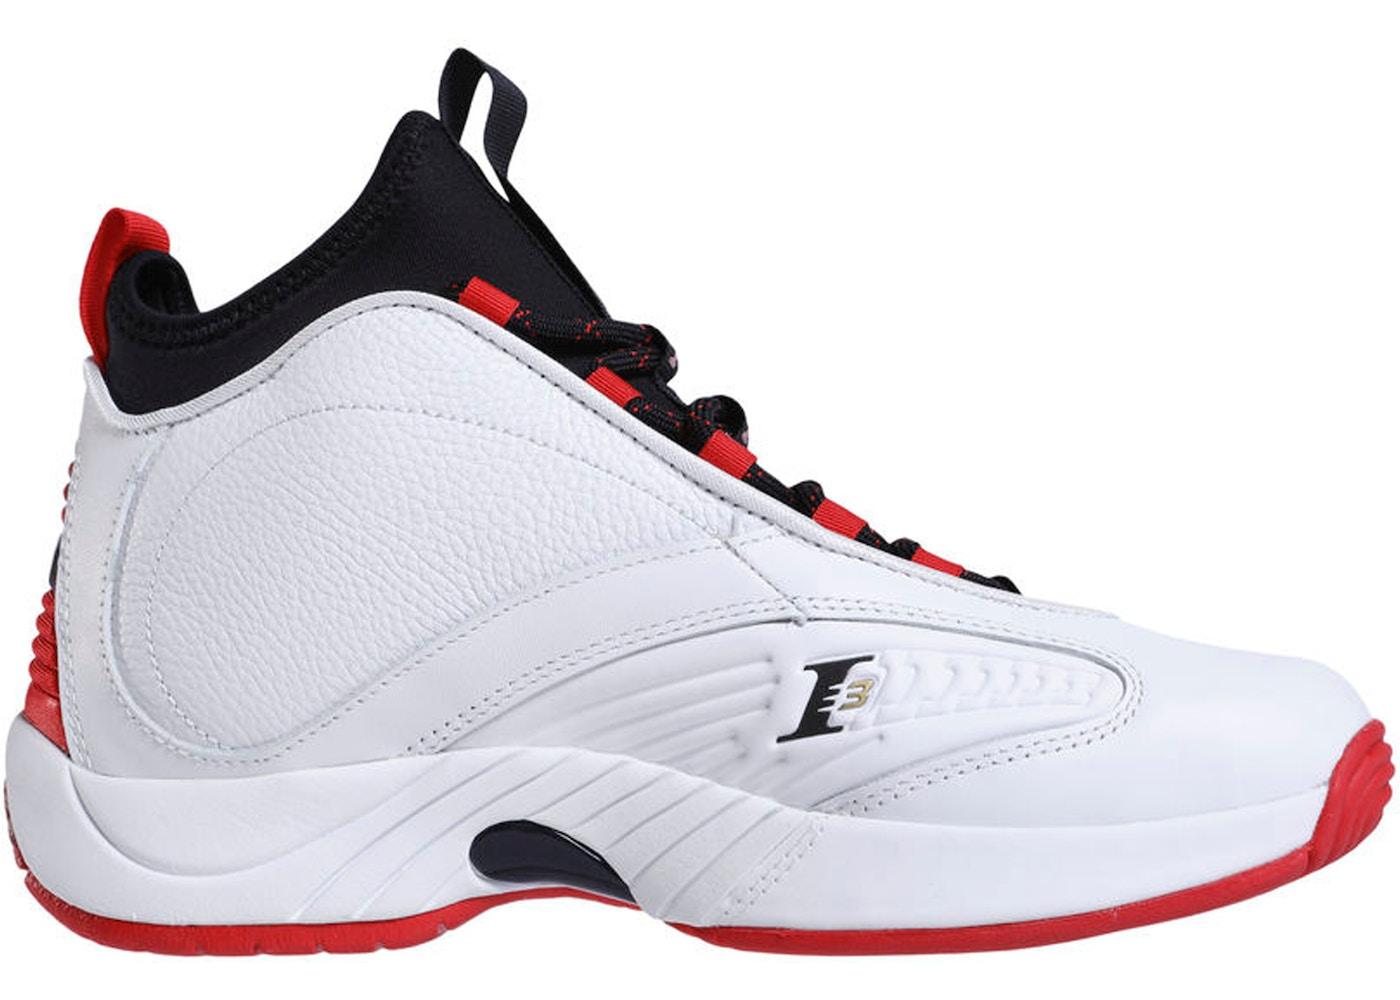 7a20633e3c01 Buy Reebok Shoes   Deadstock Sneakers